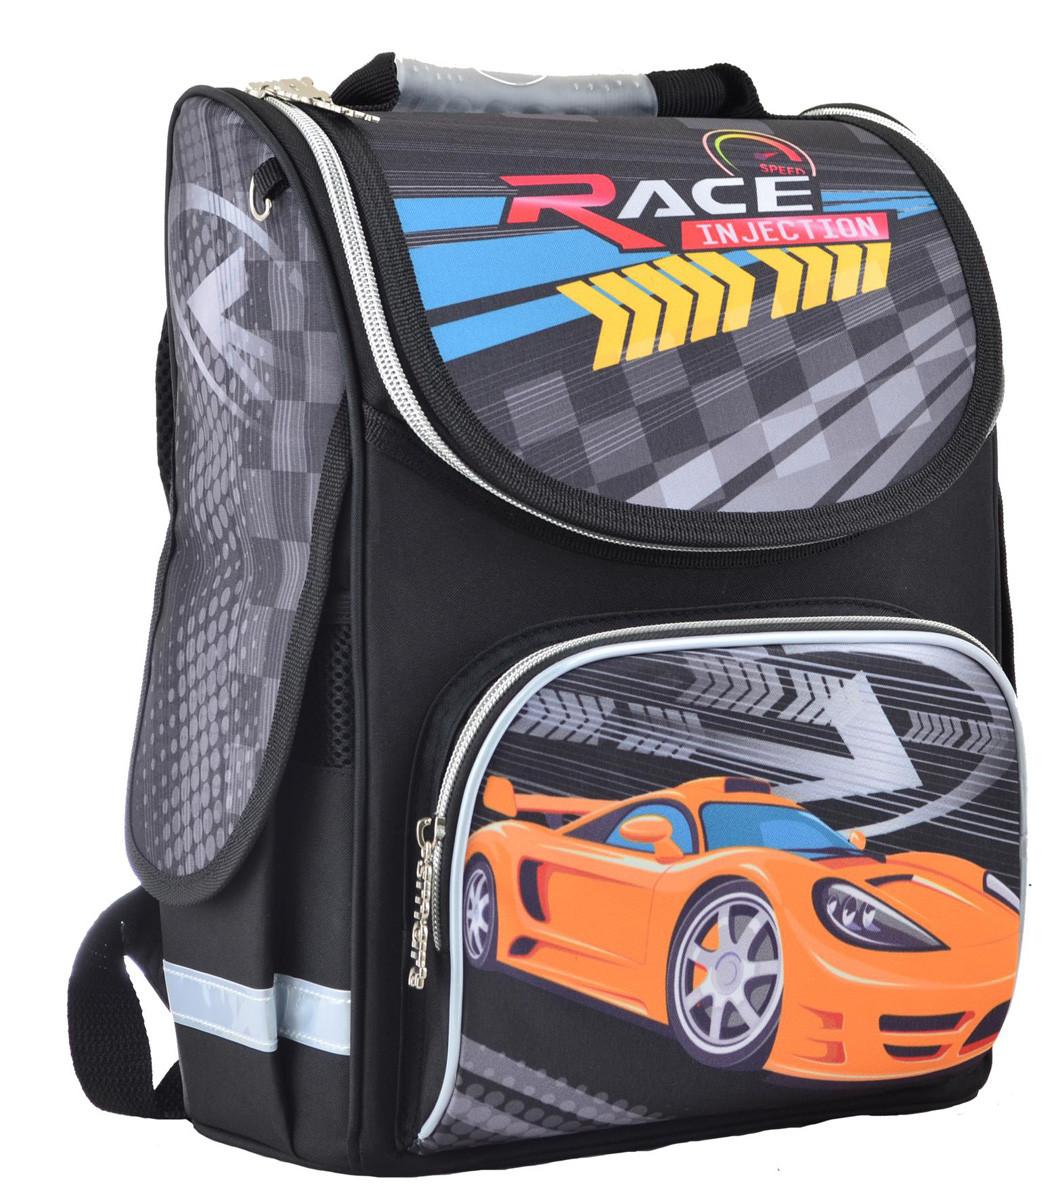 Рюкзак школьный каркасный Smart PG-11 Race injection, 34*26*14 554559